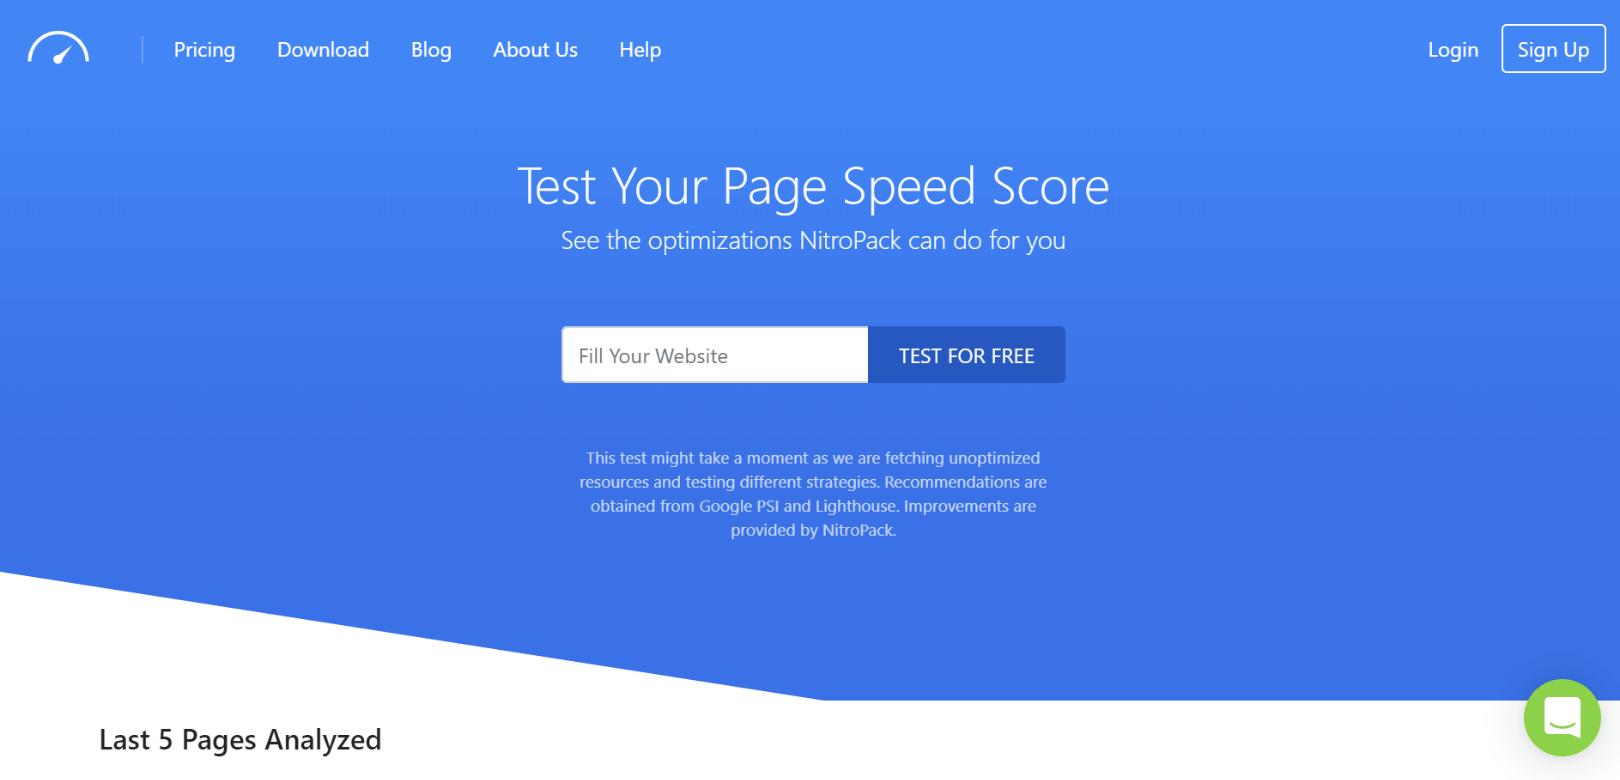 nitropack homepage